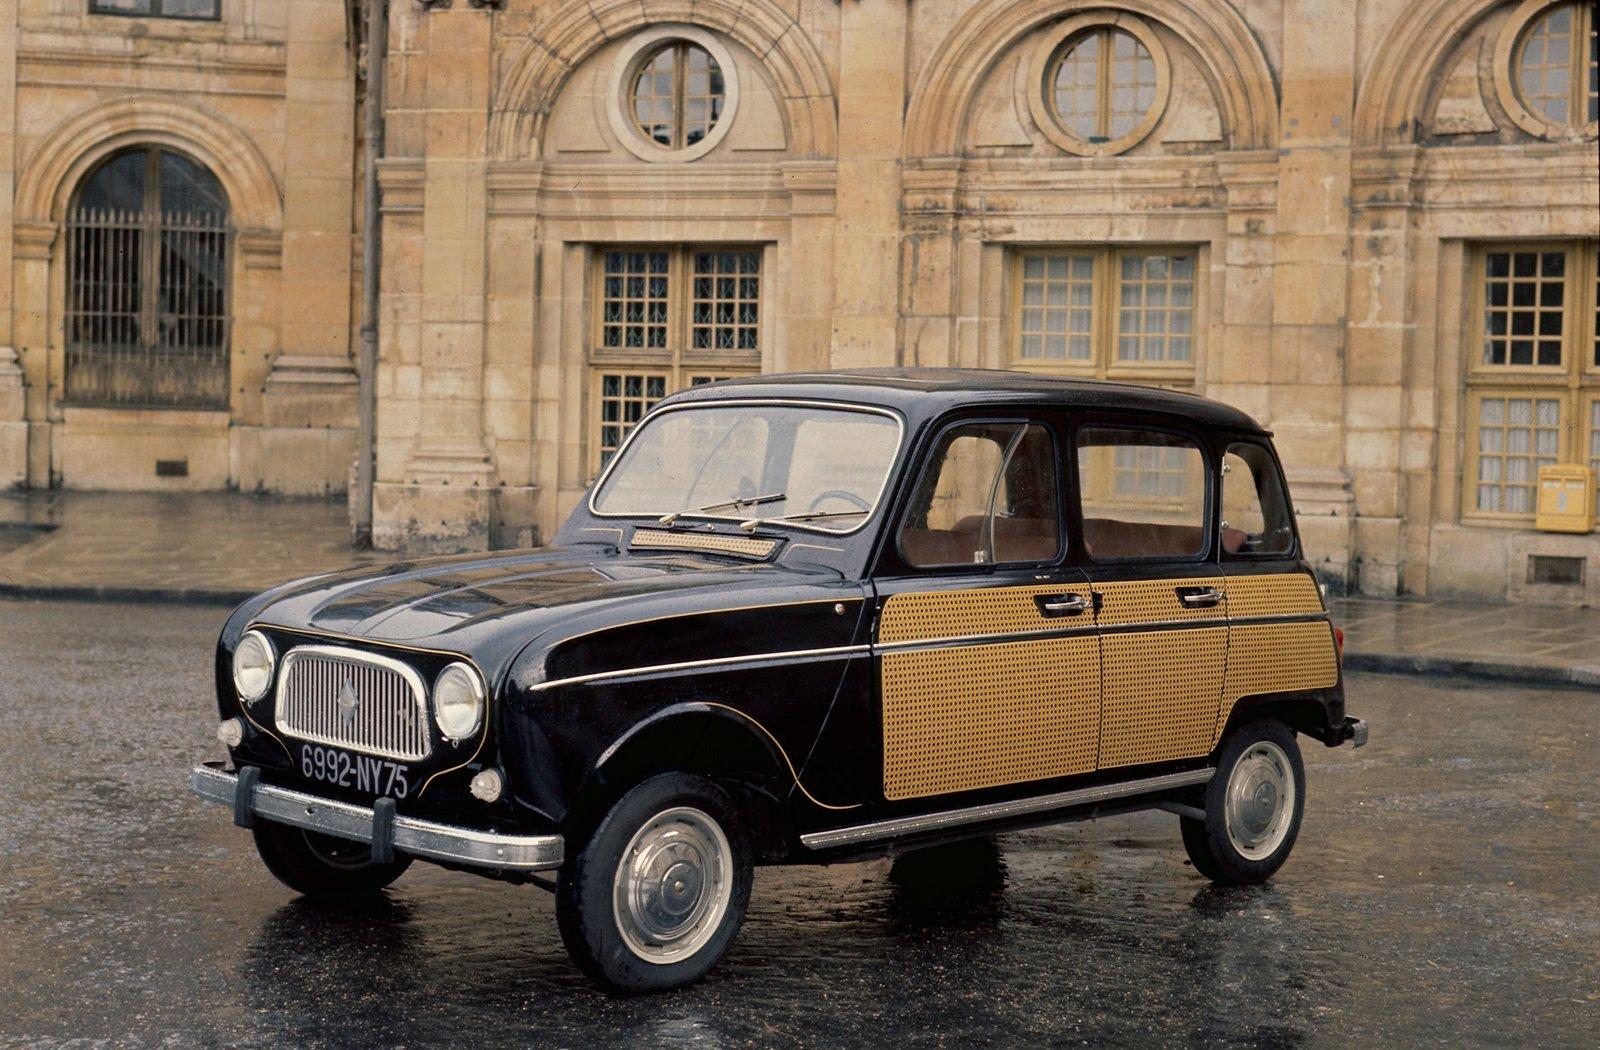 Renault 4L Parisienne Parisienne - 1963